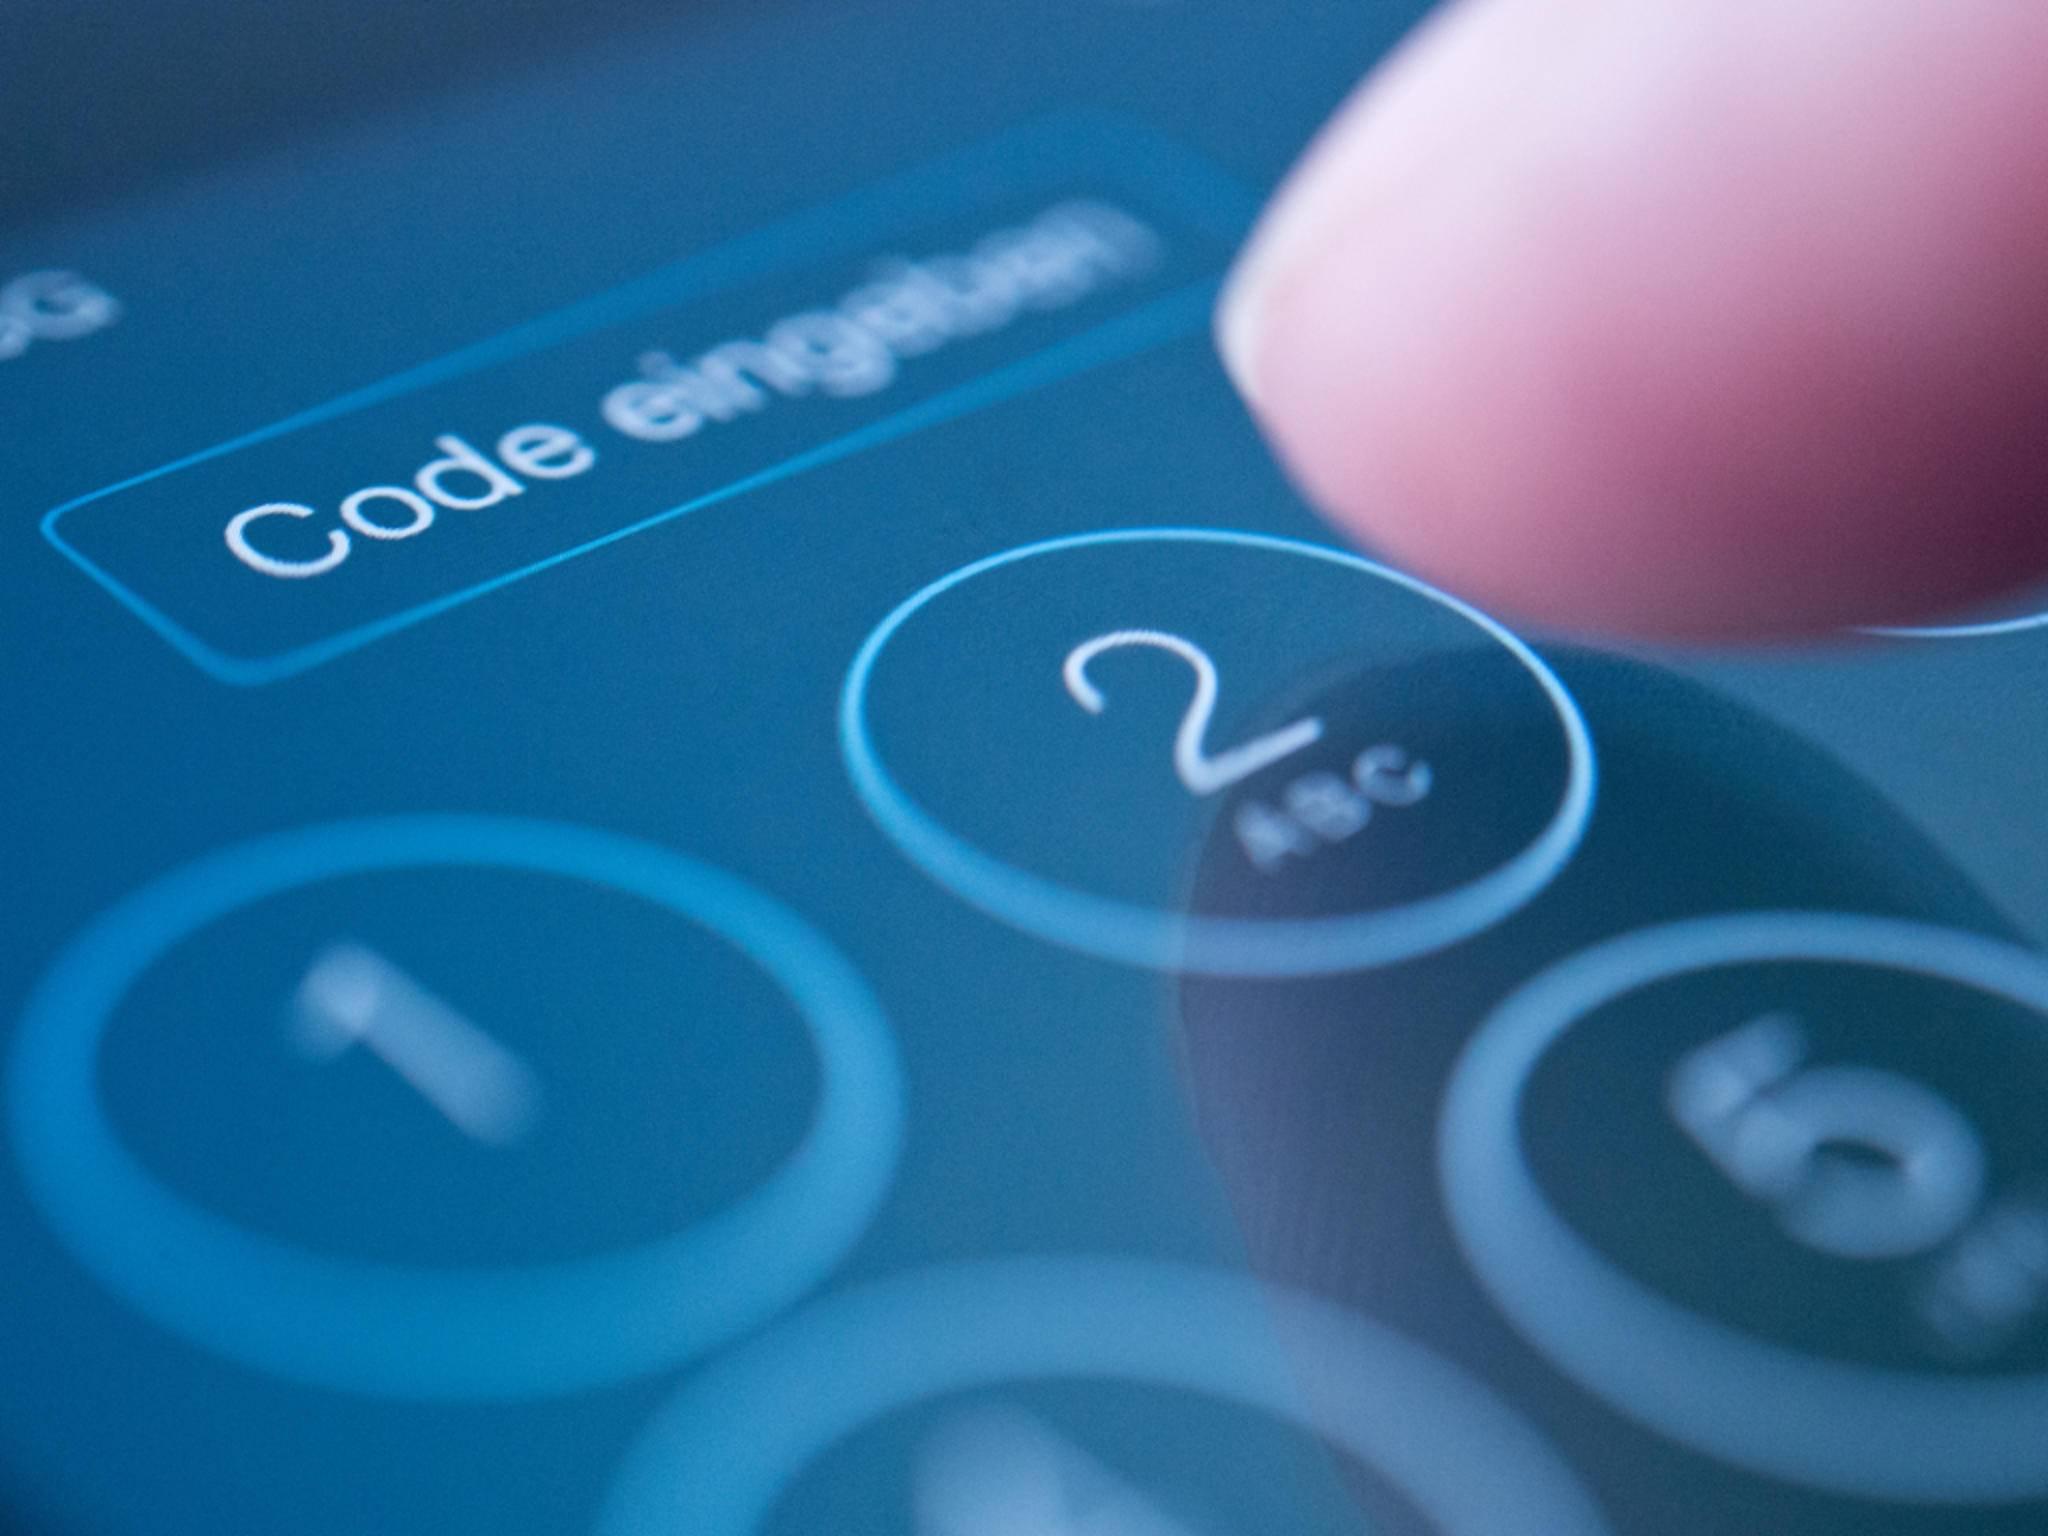 Uns beschäftigte ein iPhone, das nicht einmal das FBI knacken konnte.